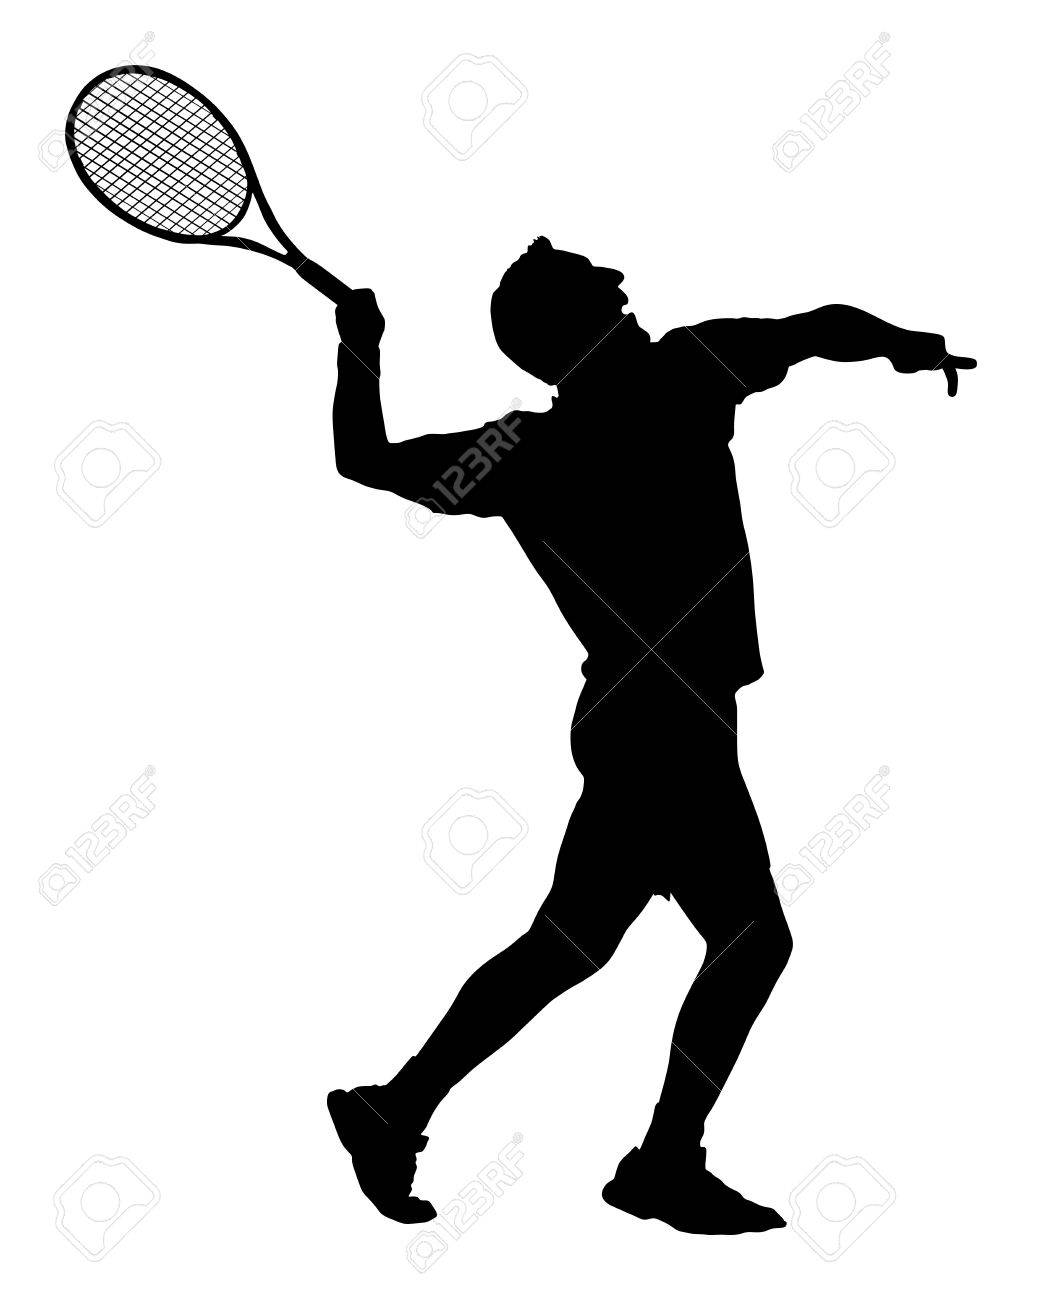 4a26b1de91d Banque d images - Silhouette de vecteur tennis joueur homme isolé sur fond  blanc. Silhouette de tennis de sport isolée.